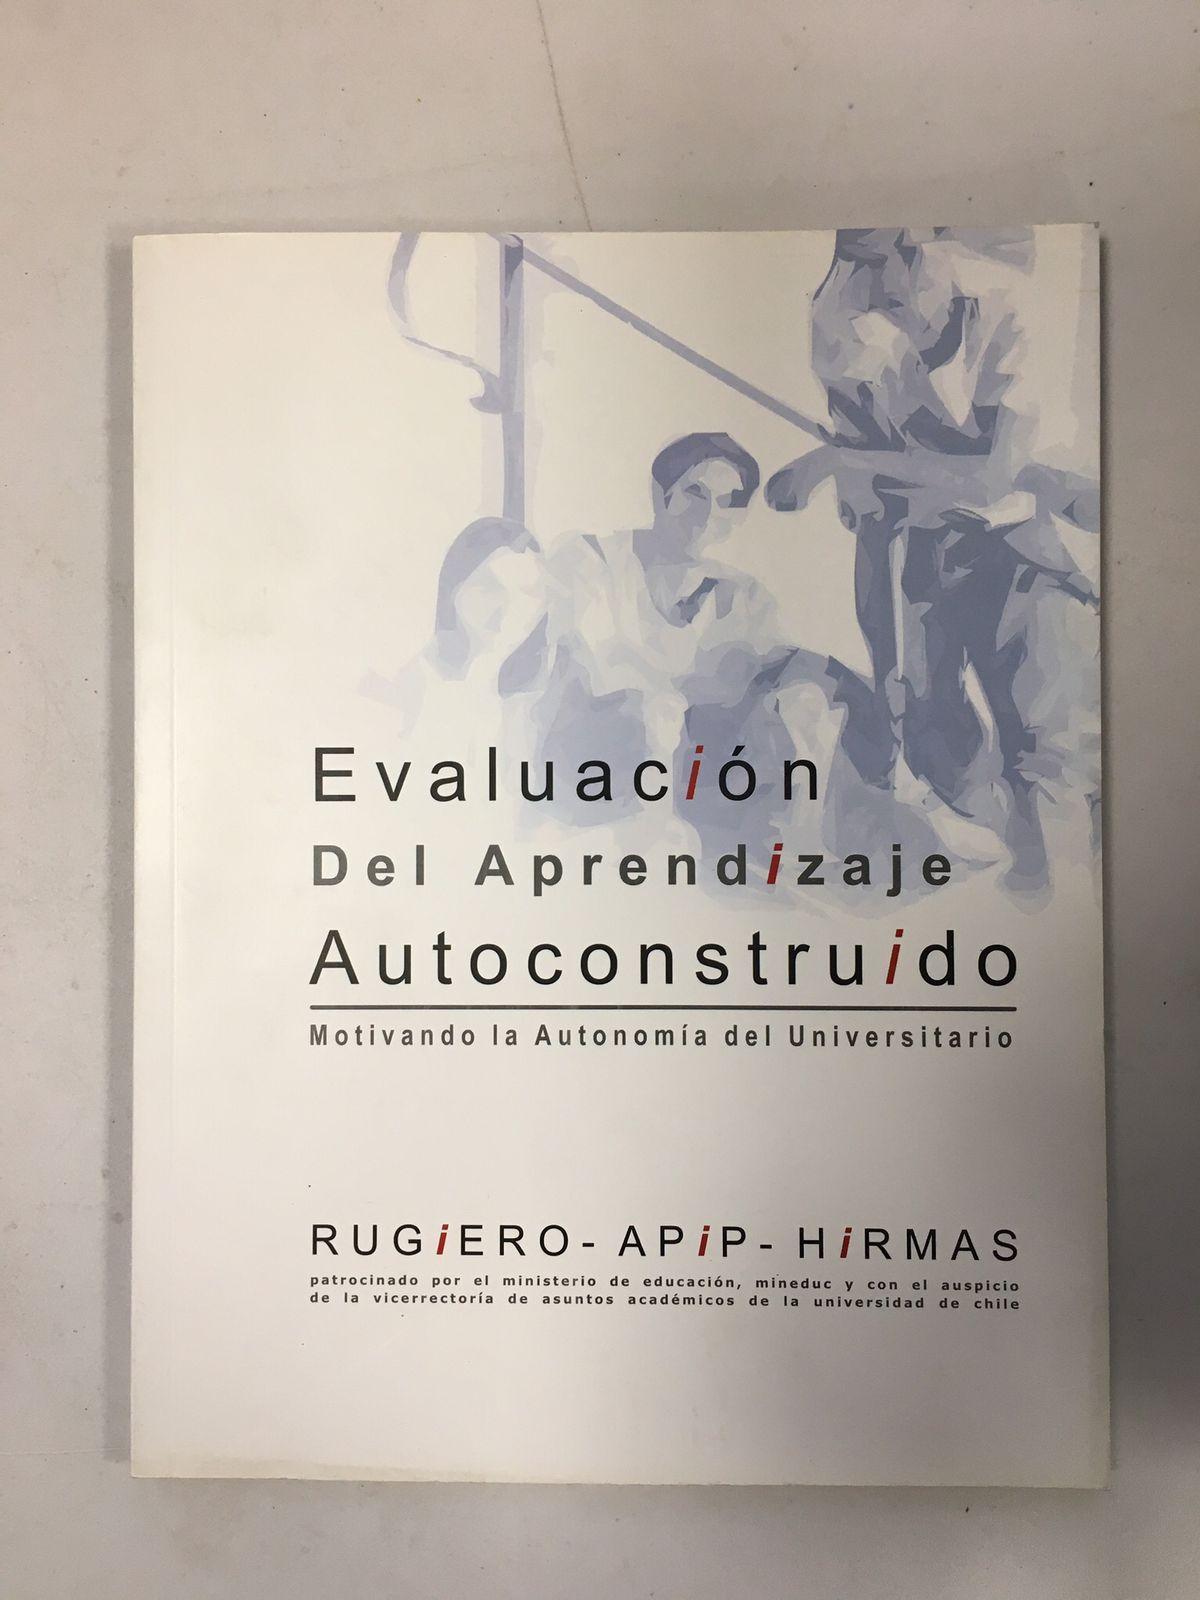 Evaluación del aprendizaje autoconstruido